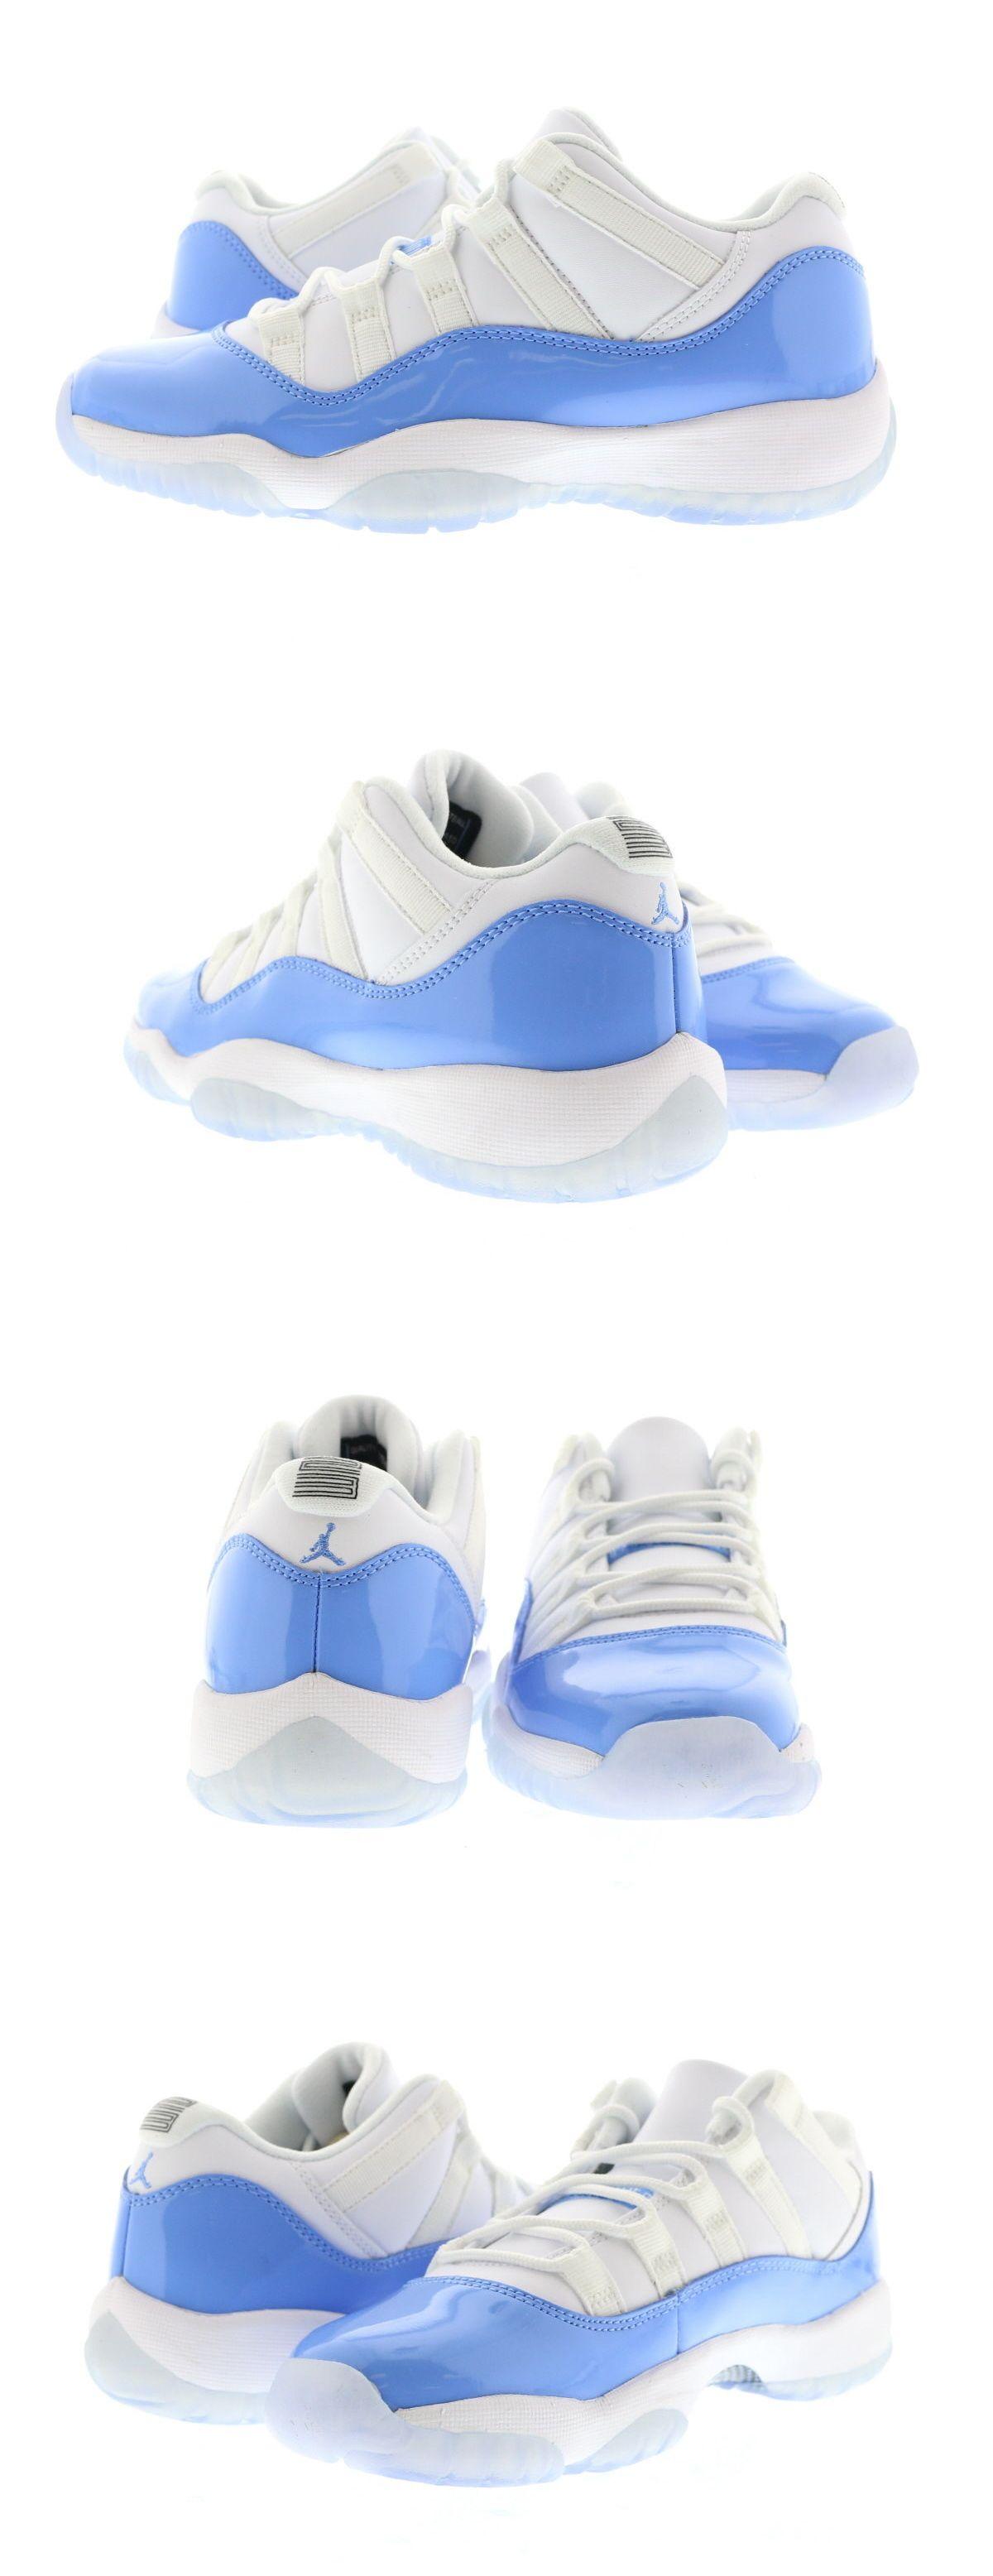 a34d4ccd64d Boys Shoes 57929  Youth (Gs) Air Jordan 11 Retro Low Unc White University